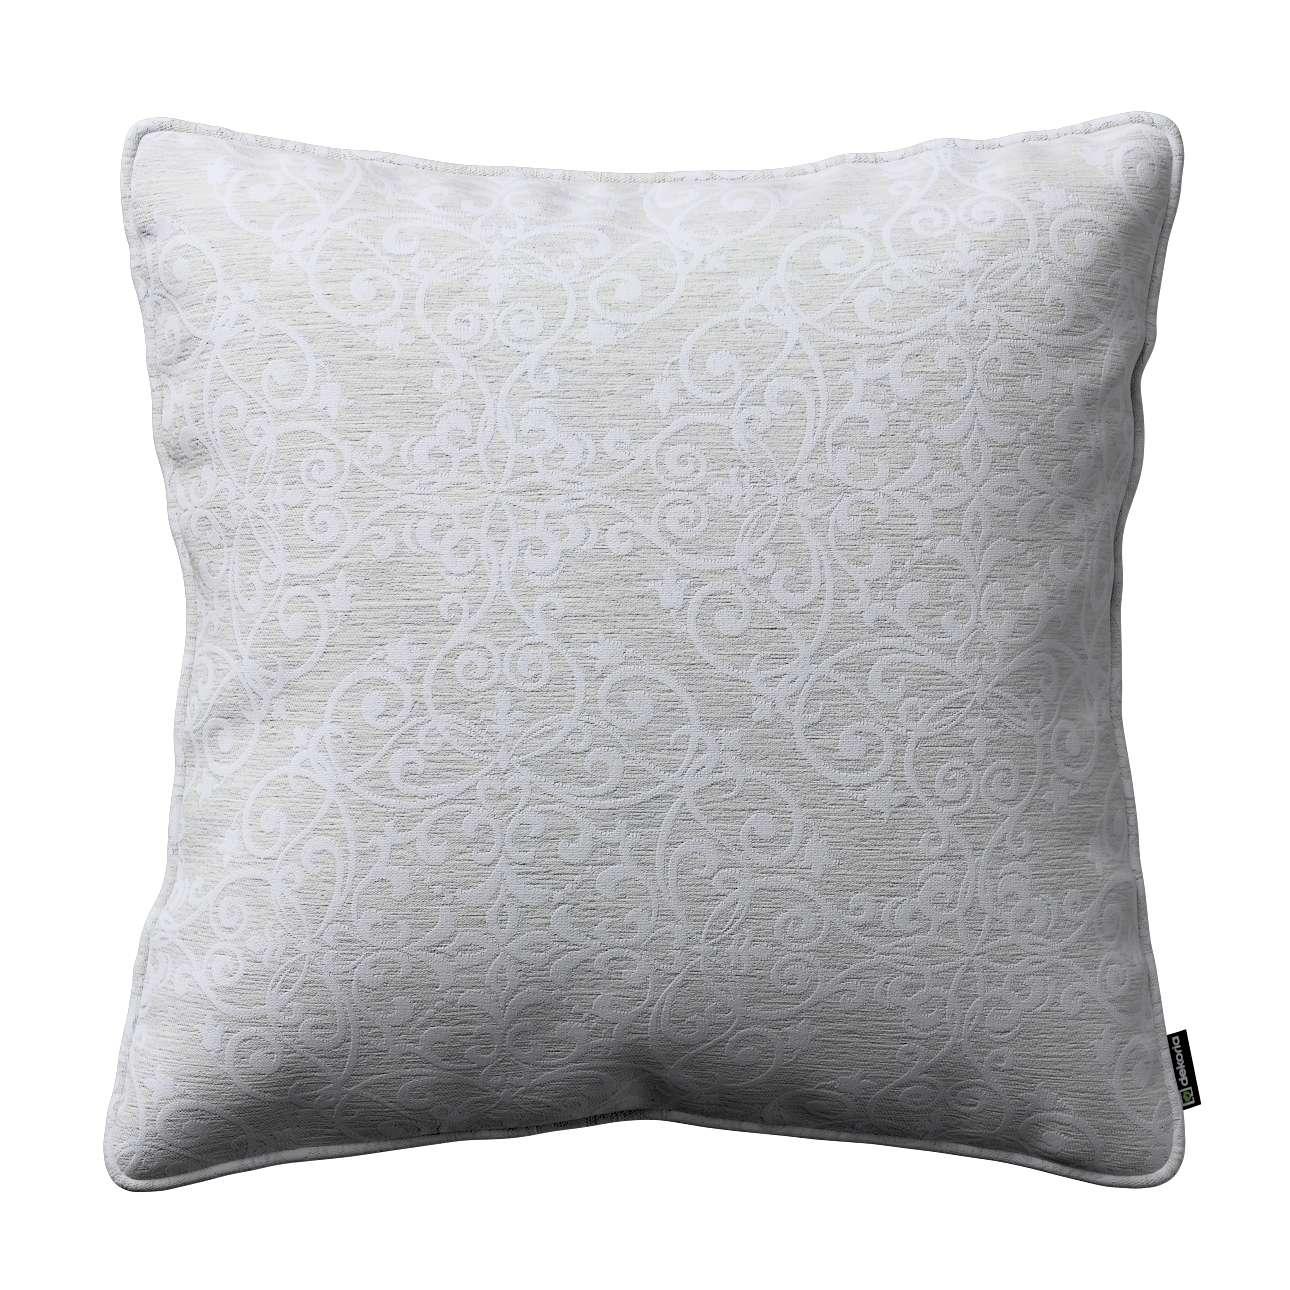 Poszewka Gabi na poduszkę 45 x 45 cm w kolekcji Venice, tkanina: 140-49